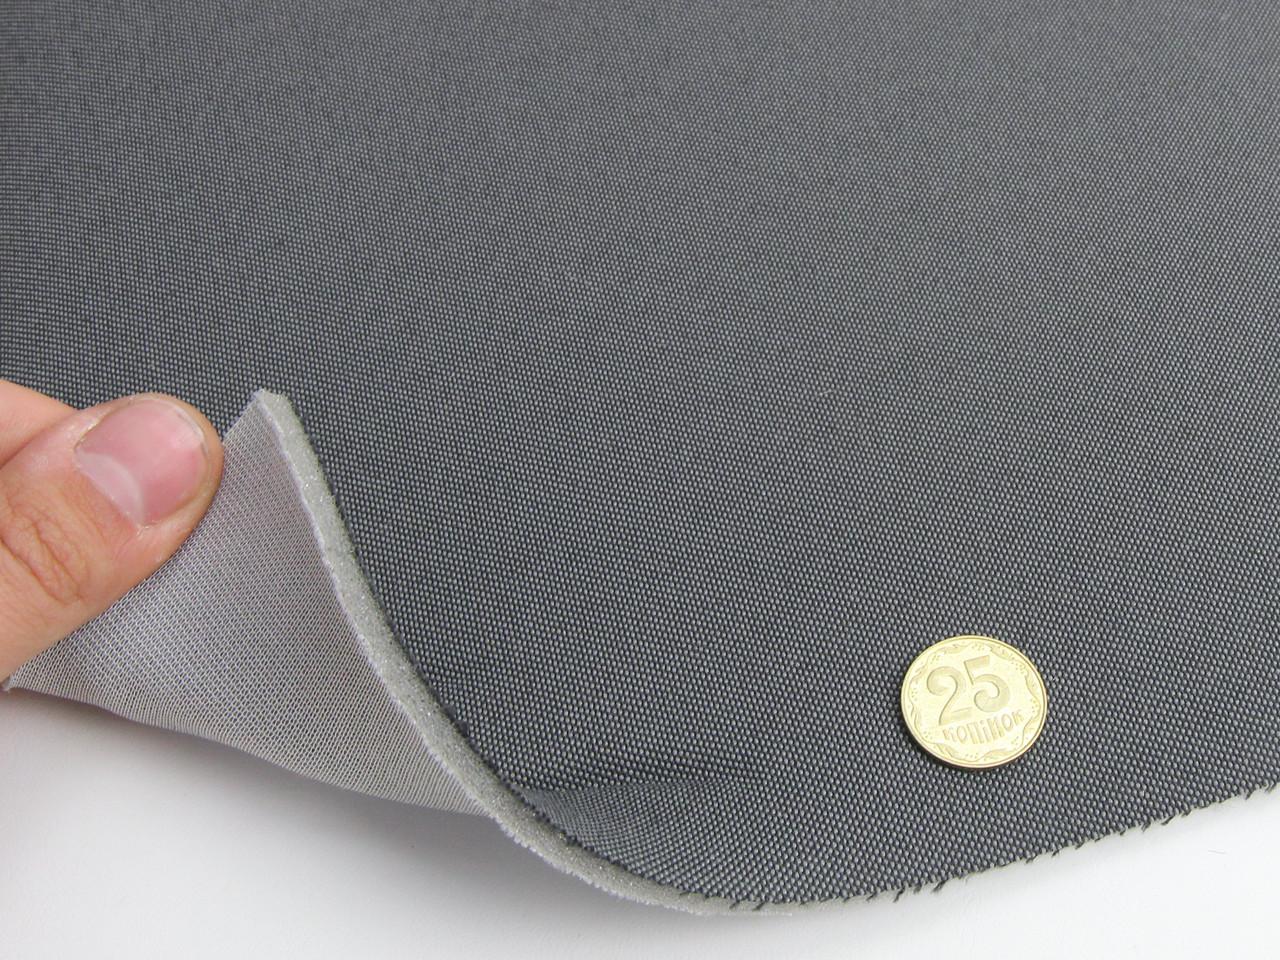 Авто ткань оригинальная сидений (темно-серый), основа поролон и сетка, толщина 4мм, ширина 180см